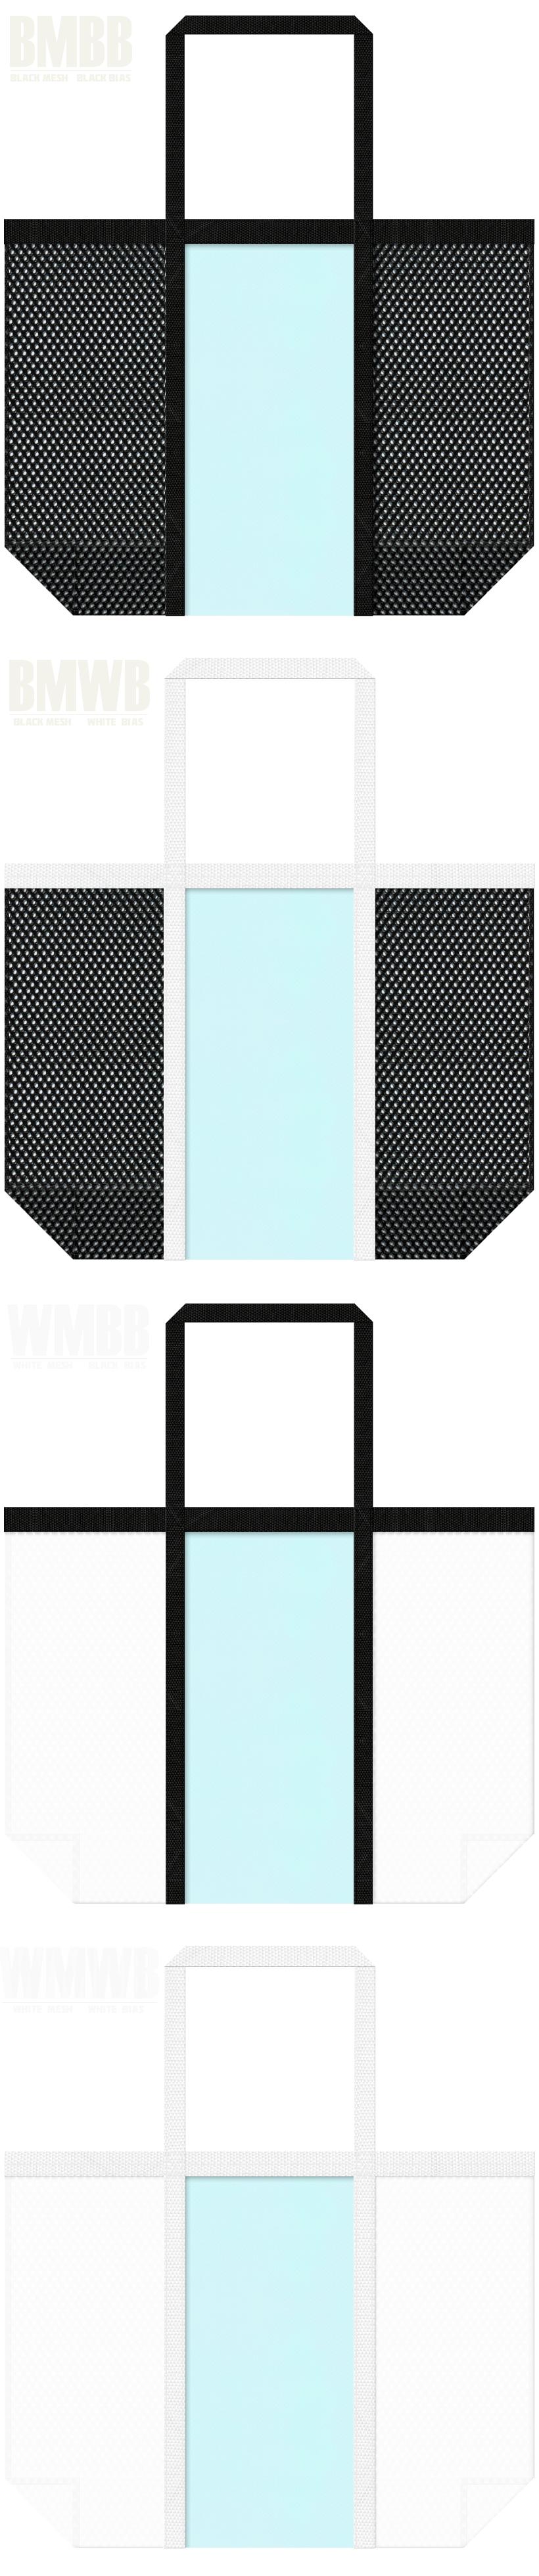 台形型メッシュバッグのカラーシミュレーション:黒色・白色メッシュと水色不織布の組み合わせ